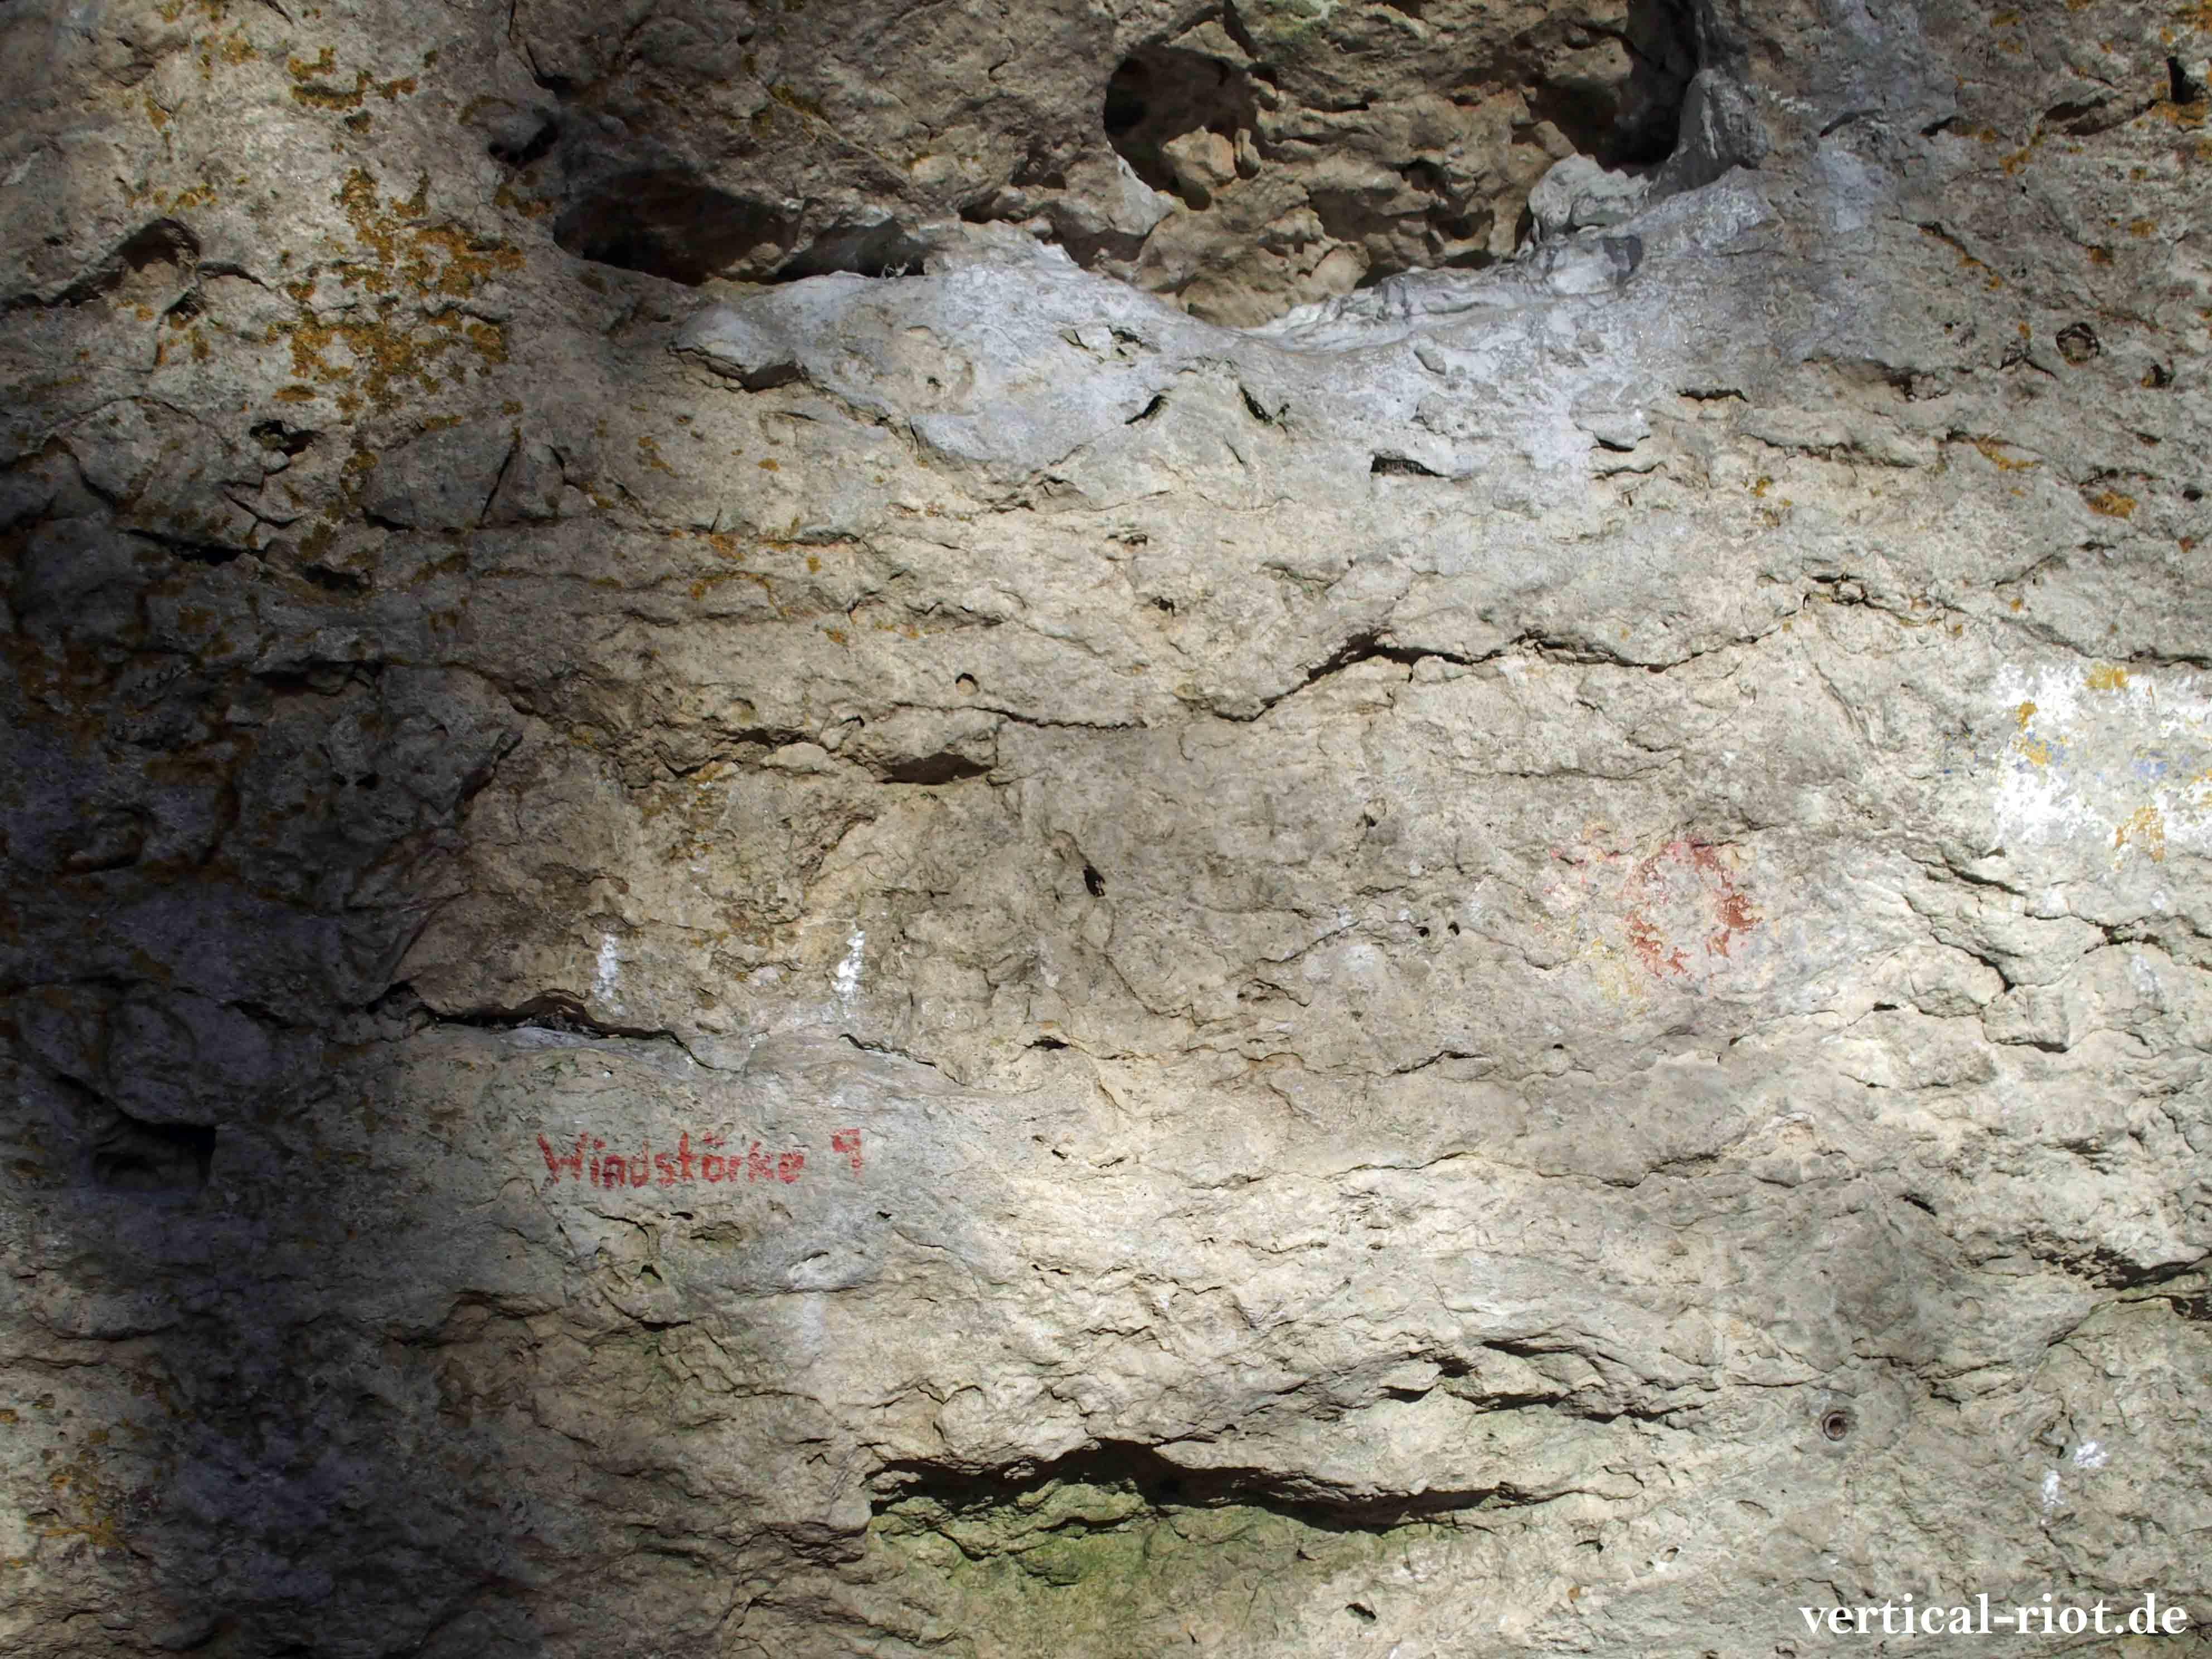 Eine Erinnerung an die Entwicklung des Rotpunktkletterns zeigt dieser uralte rote Punkt an der Klagemauer